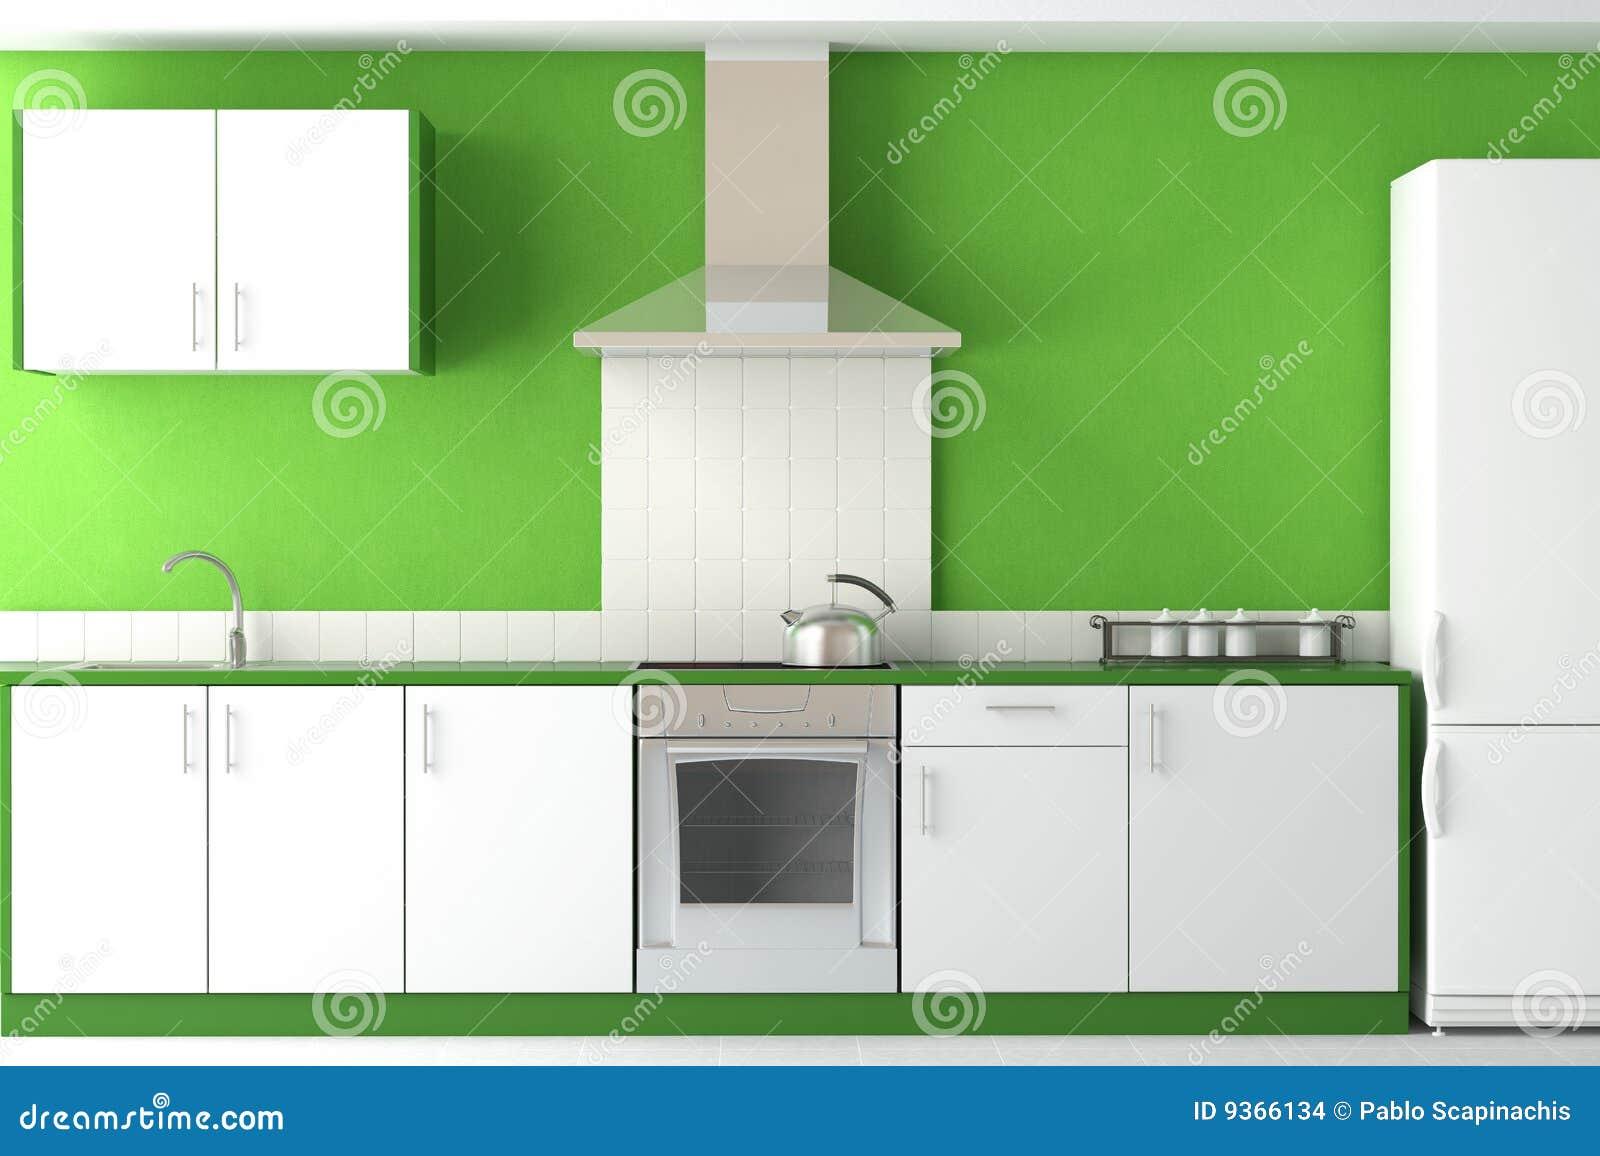 Conception int rieure de cuisine verte moderne illustration stock illustration du mat riel - Conception de cuisine ...